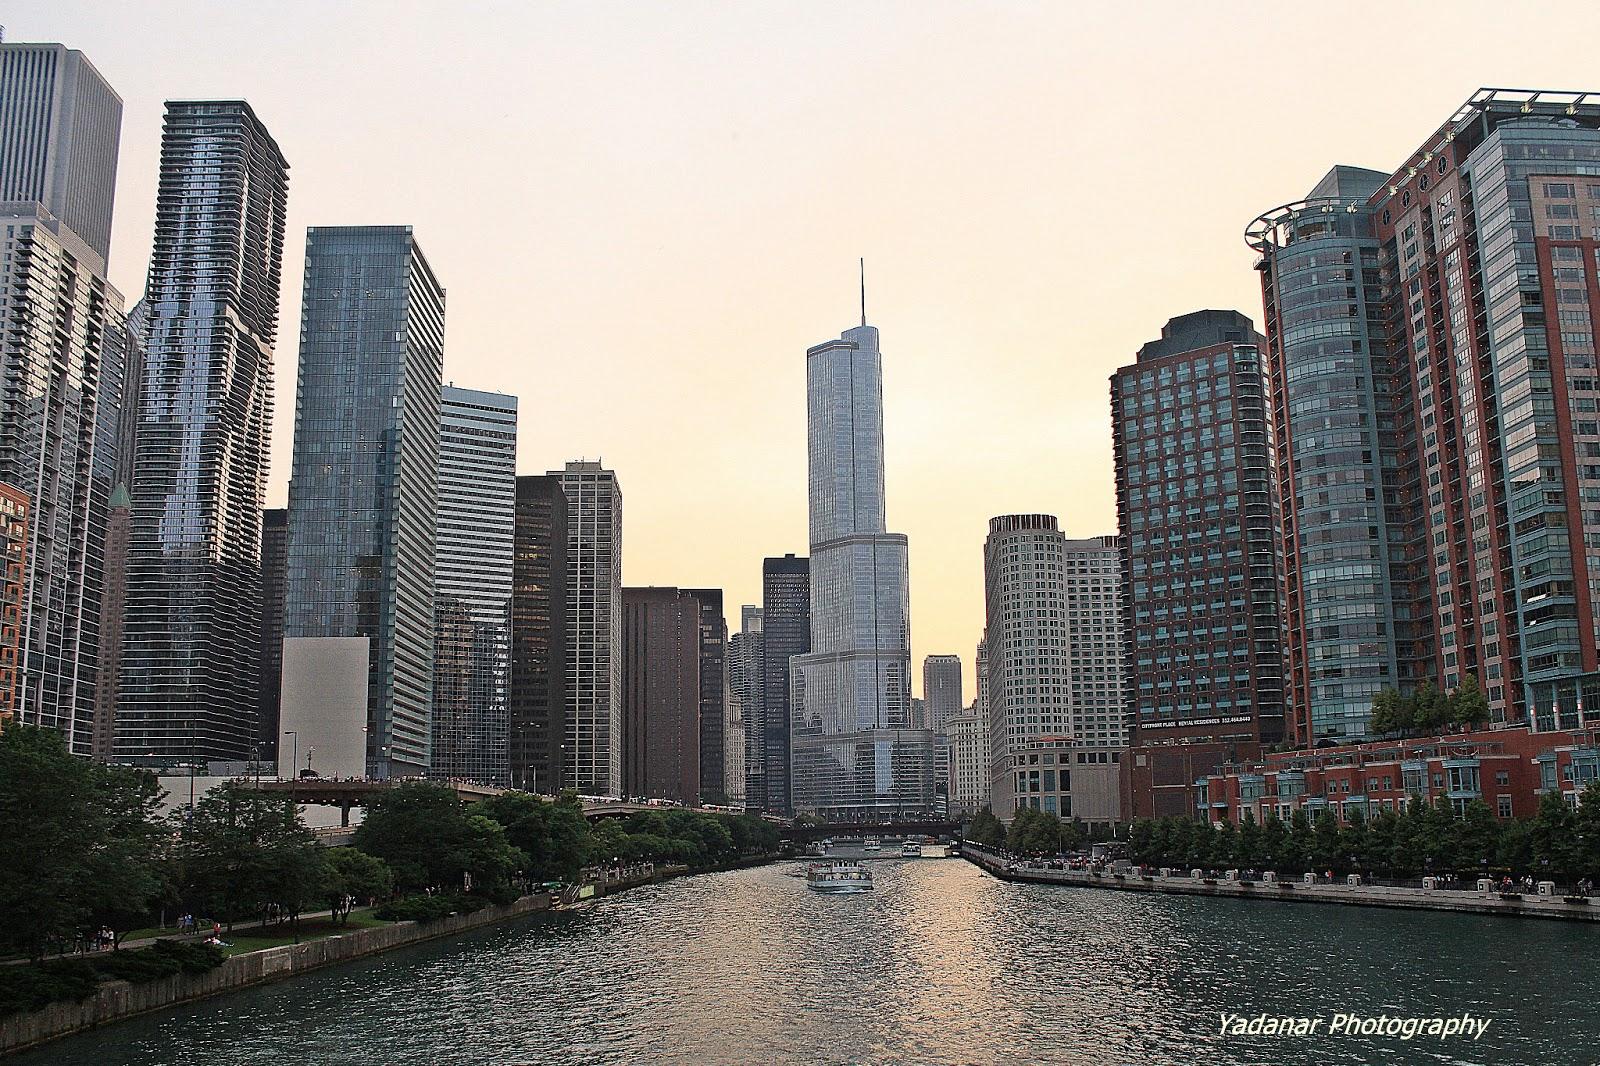 Chicago Urban Scene | Yadanar Hmway